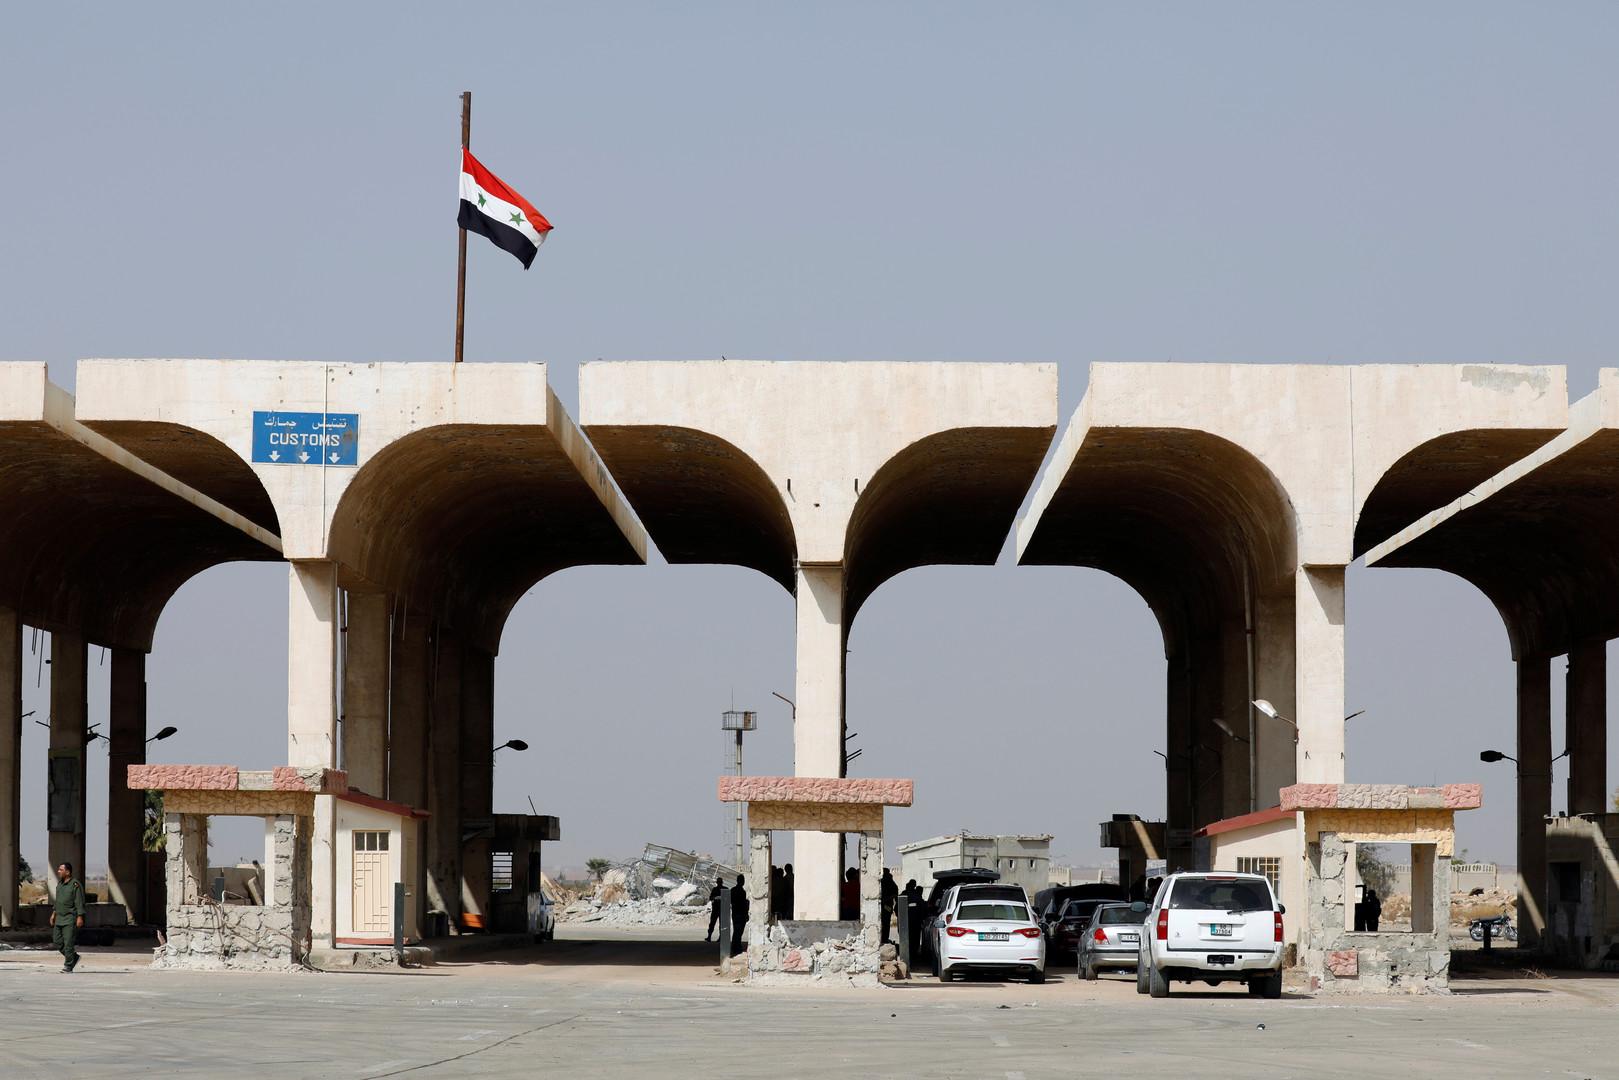 مسؤول أردني يشيد بإيجابيات إعادة فتح المنطقة الحرة السورية الأردنية